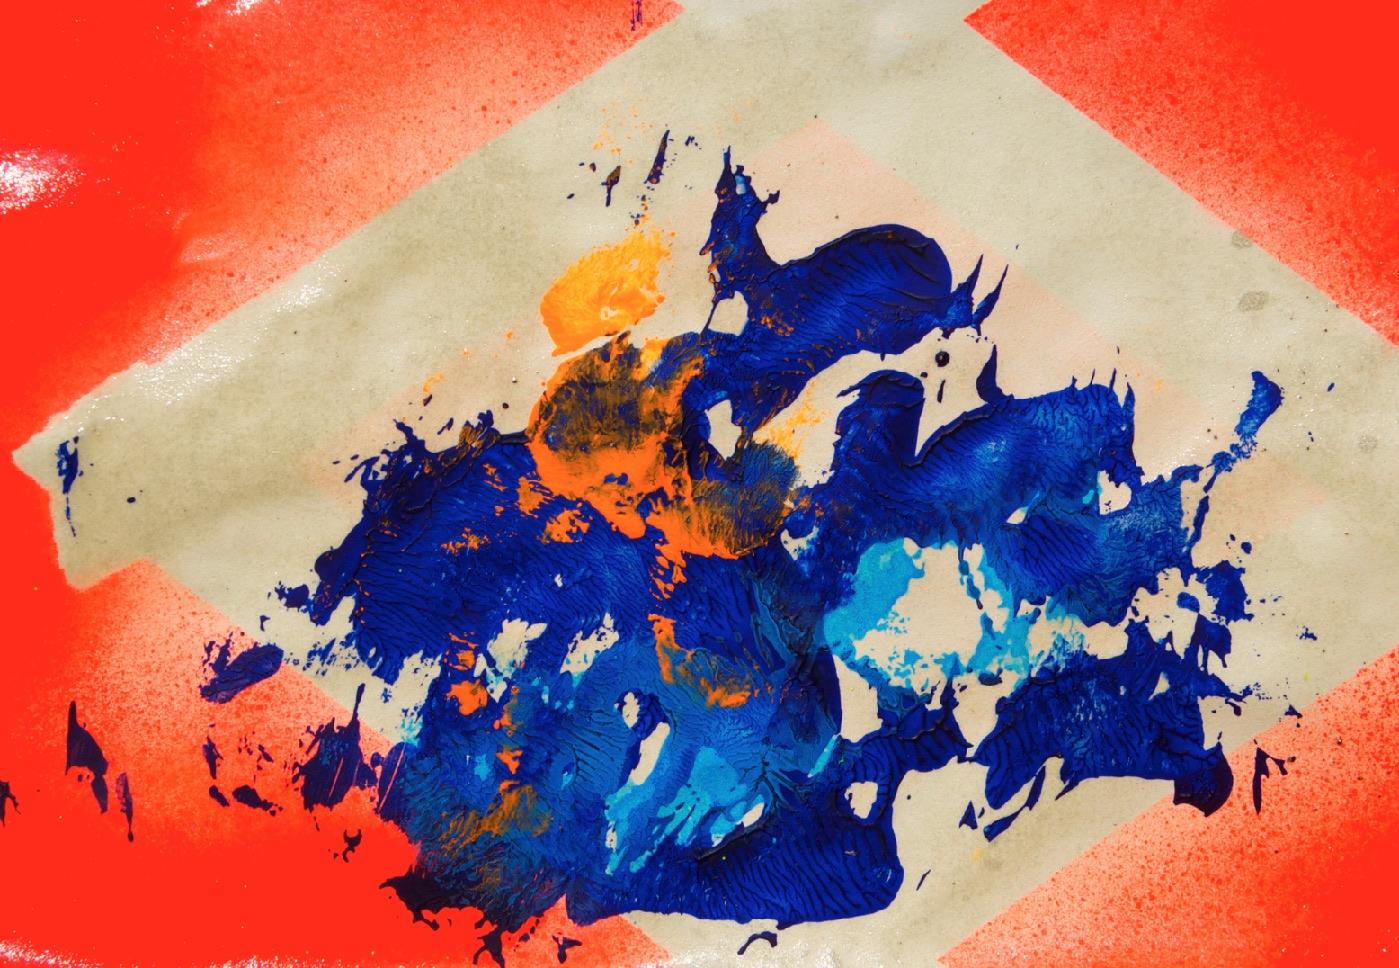 Sommer 2015 Theresa Kallrath KALLART Kunstakademie Düsseldorf 2015 ART Abstract ART Abstracte Kunst Modern Funky NEON LOVE PEACE 2